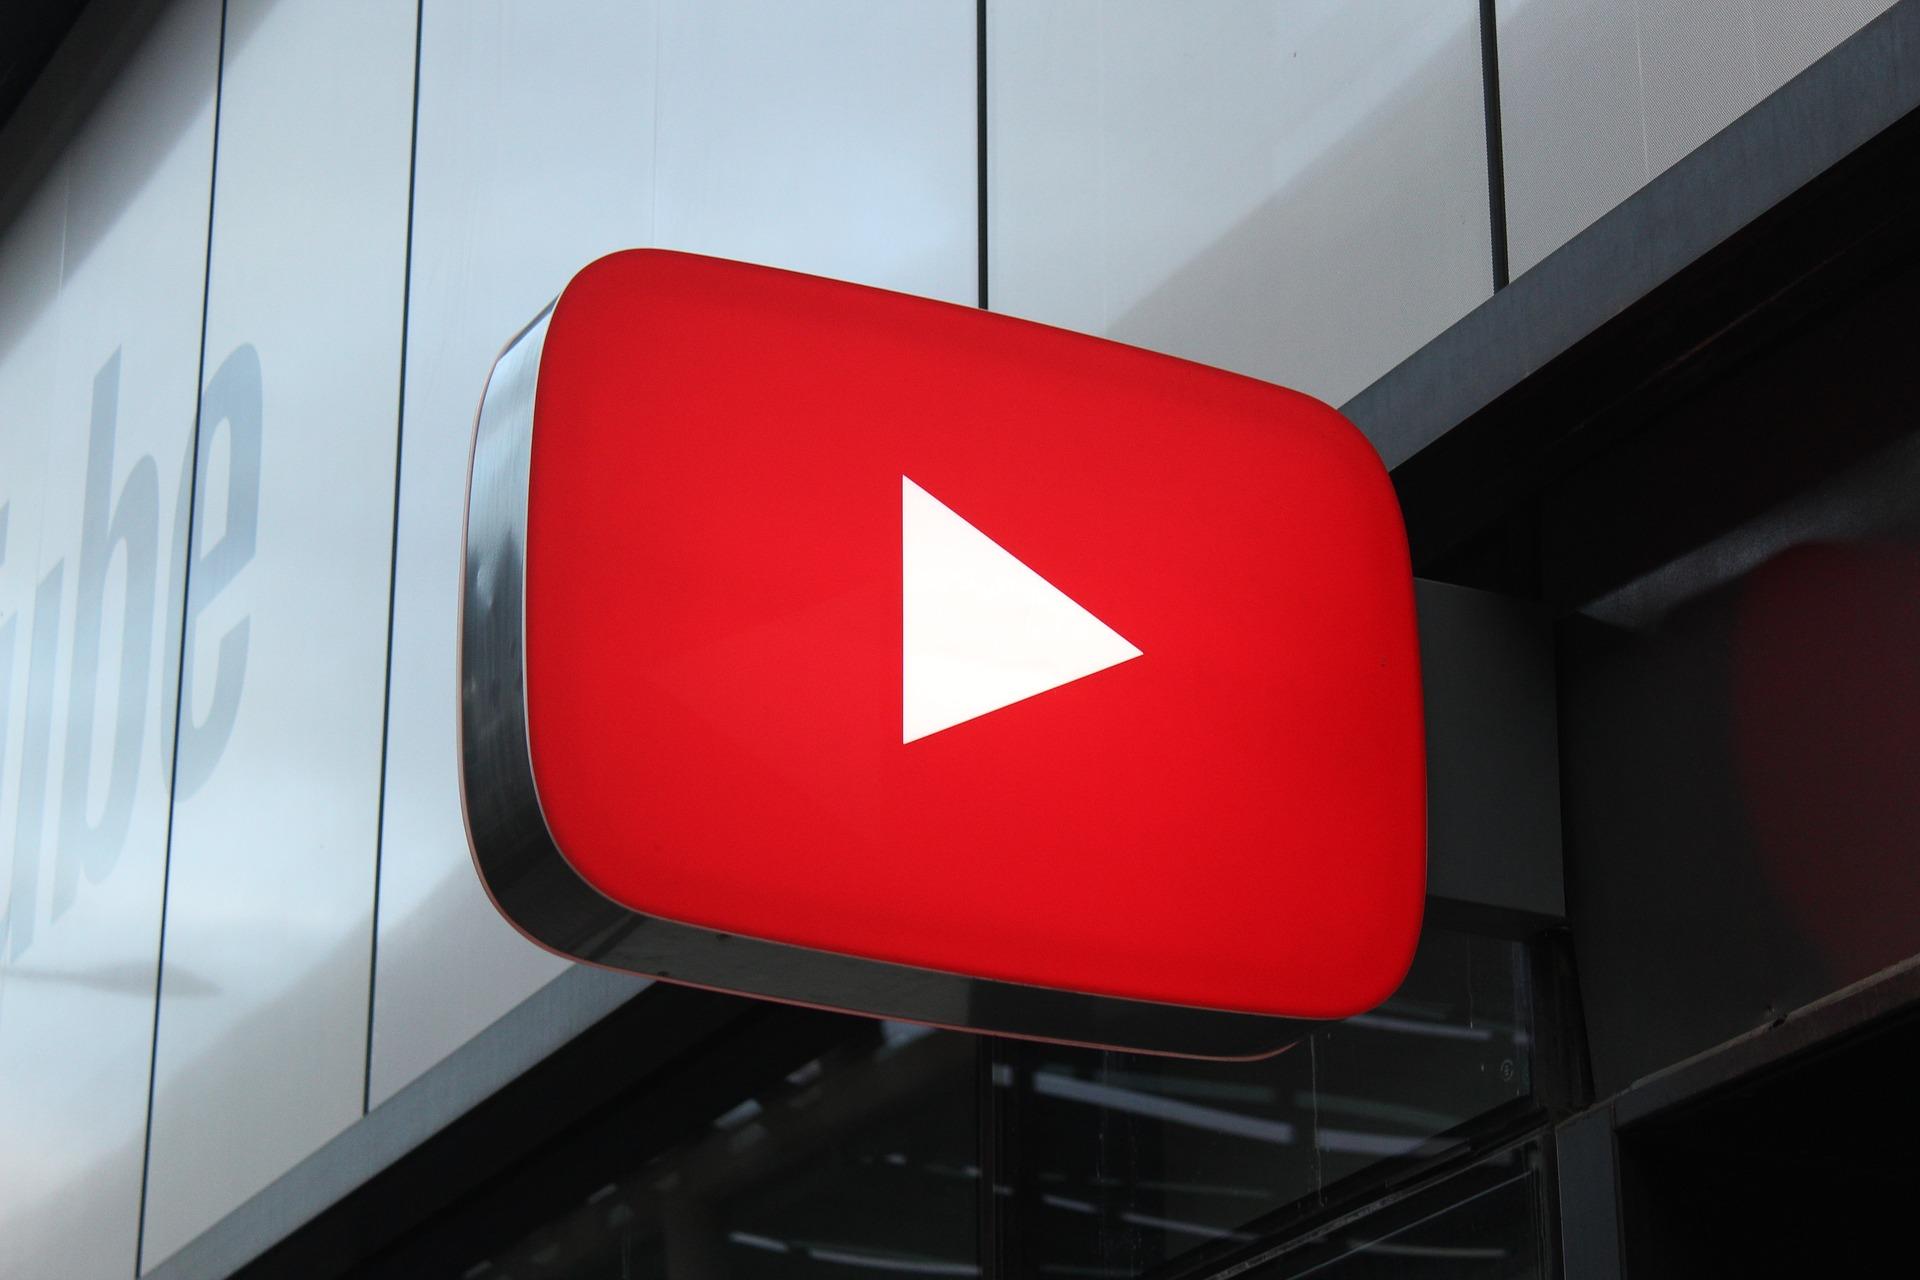 YouTuberになって稼ぐためのステップ⑧